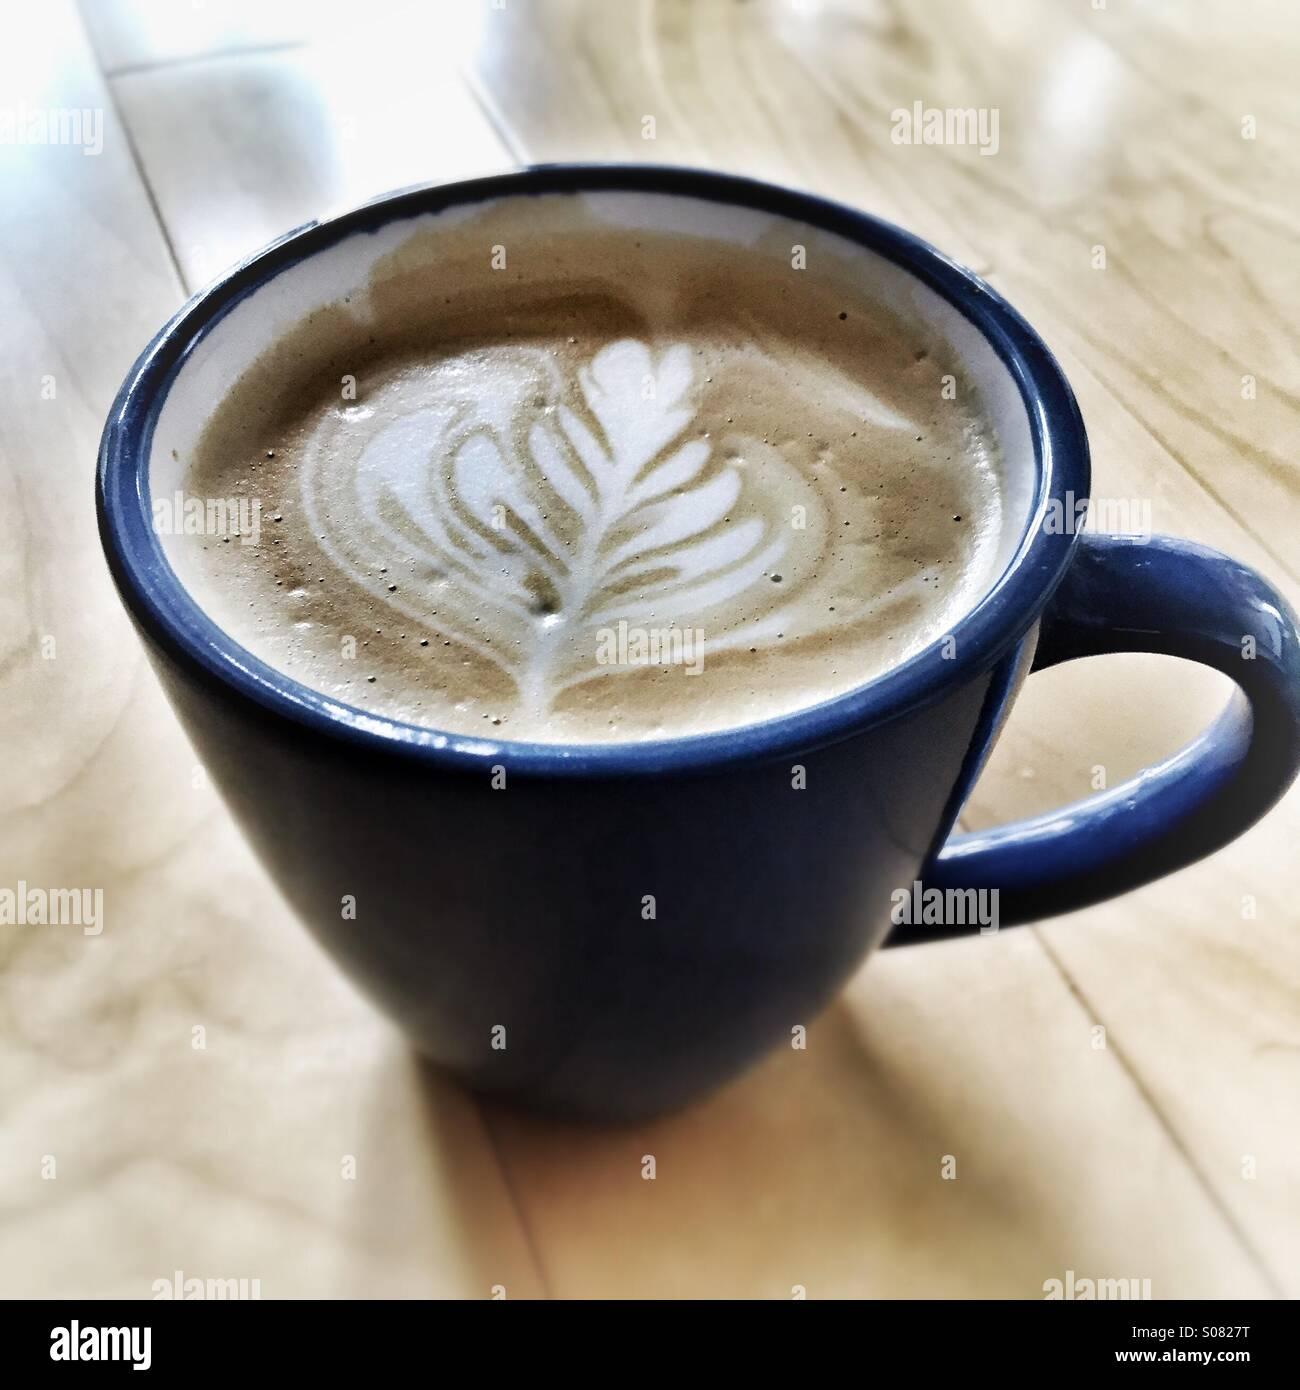 Latte art - Rosetta - Stock Image